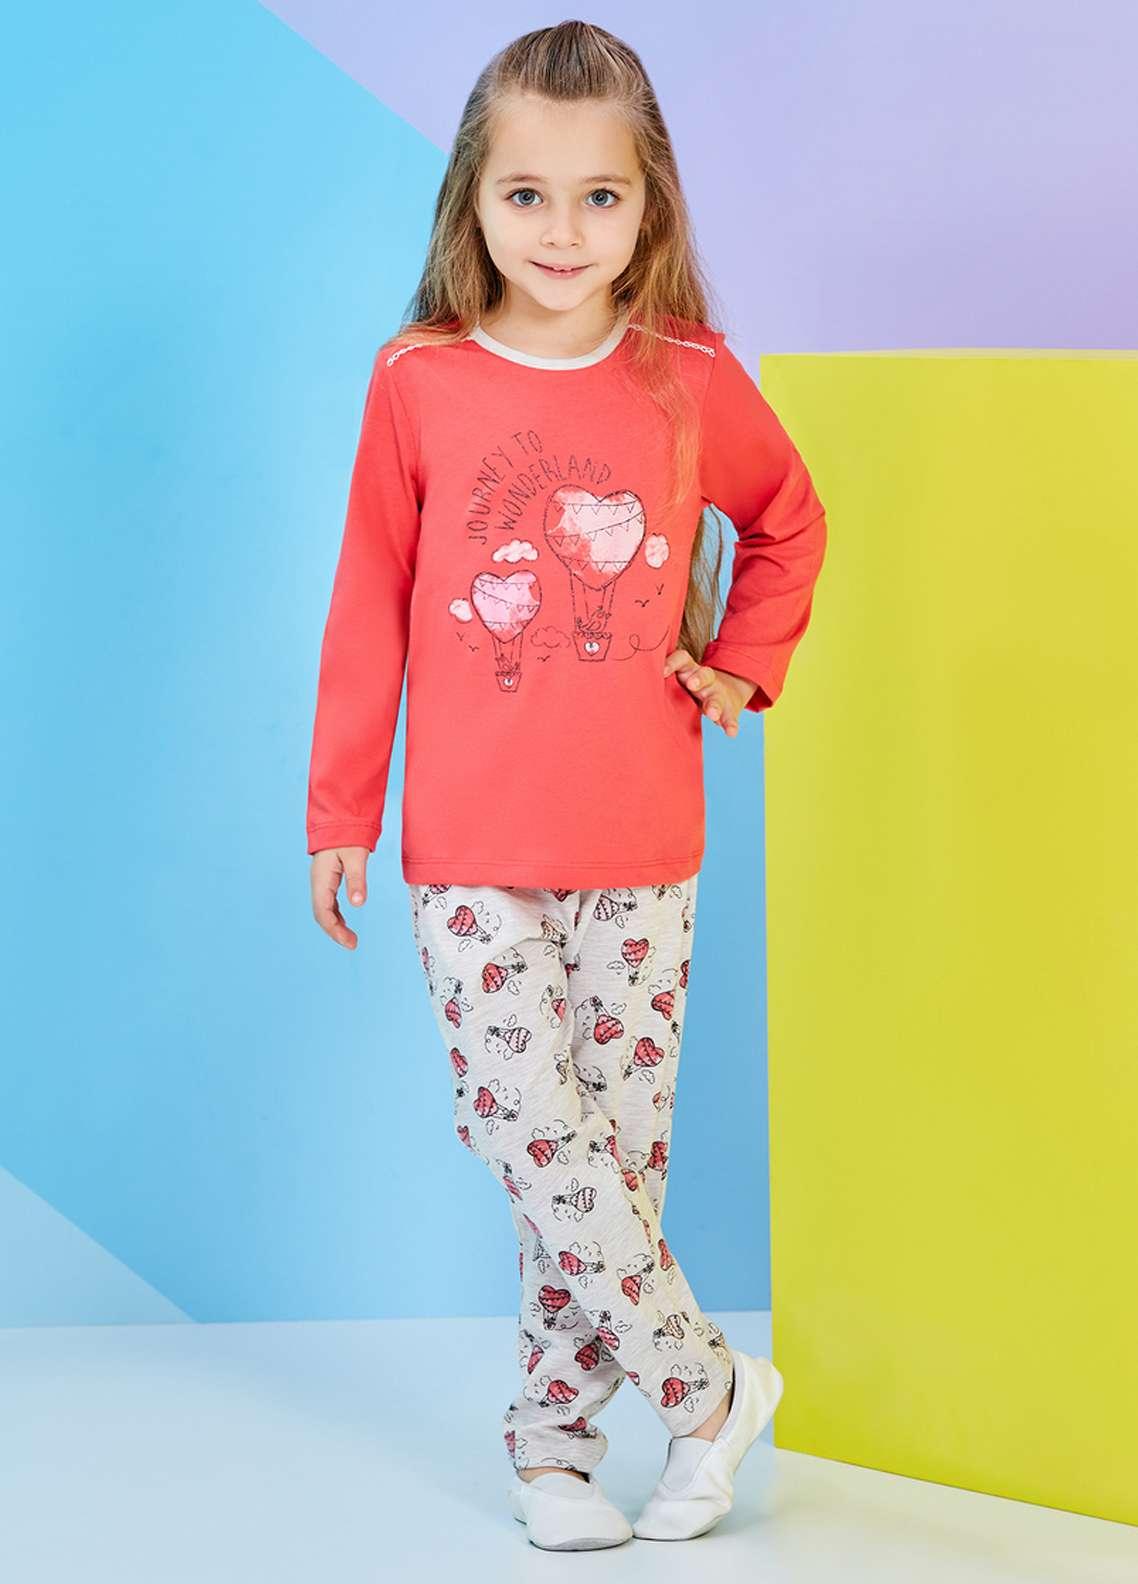 Cotton Net Kids Nightwear 2 Piece NS18K 1251 DARK PINK